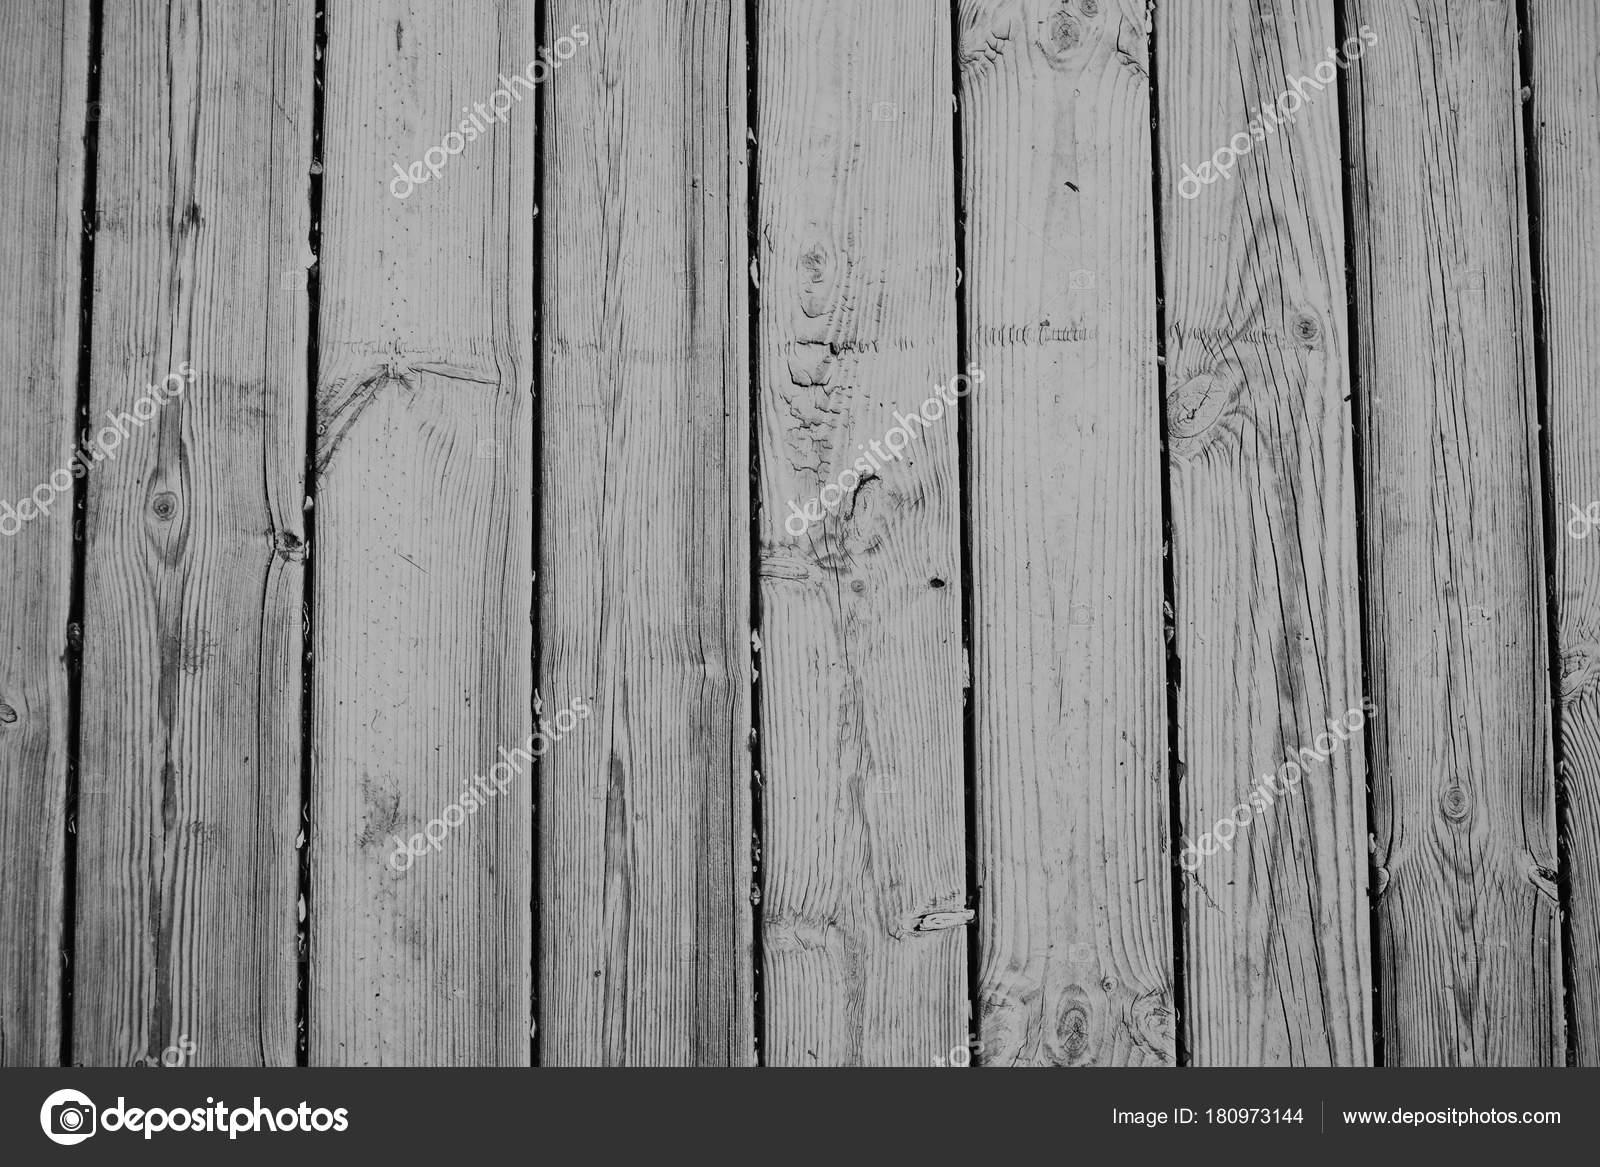 Legno Bianco Vintage : Struttura legno fondo legno bianco vintage grigio legname muro